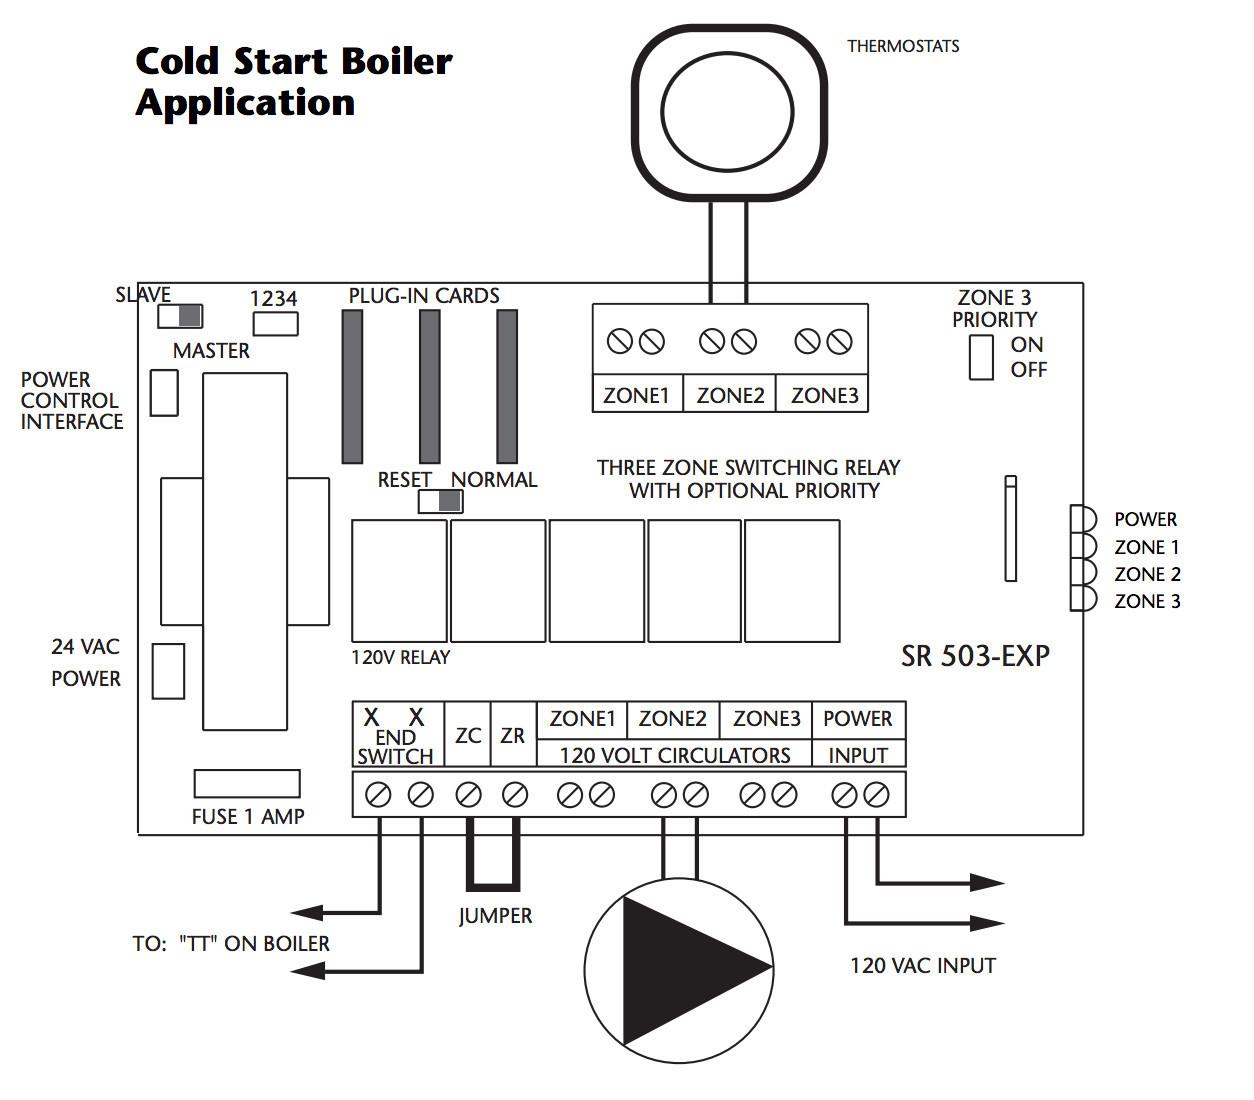 taco cartridge circulator wiring diagram Download-Esbysjqkonqm Taco Cartridge Circulator 007 F5 Wiring Diagram 4 17-t